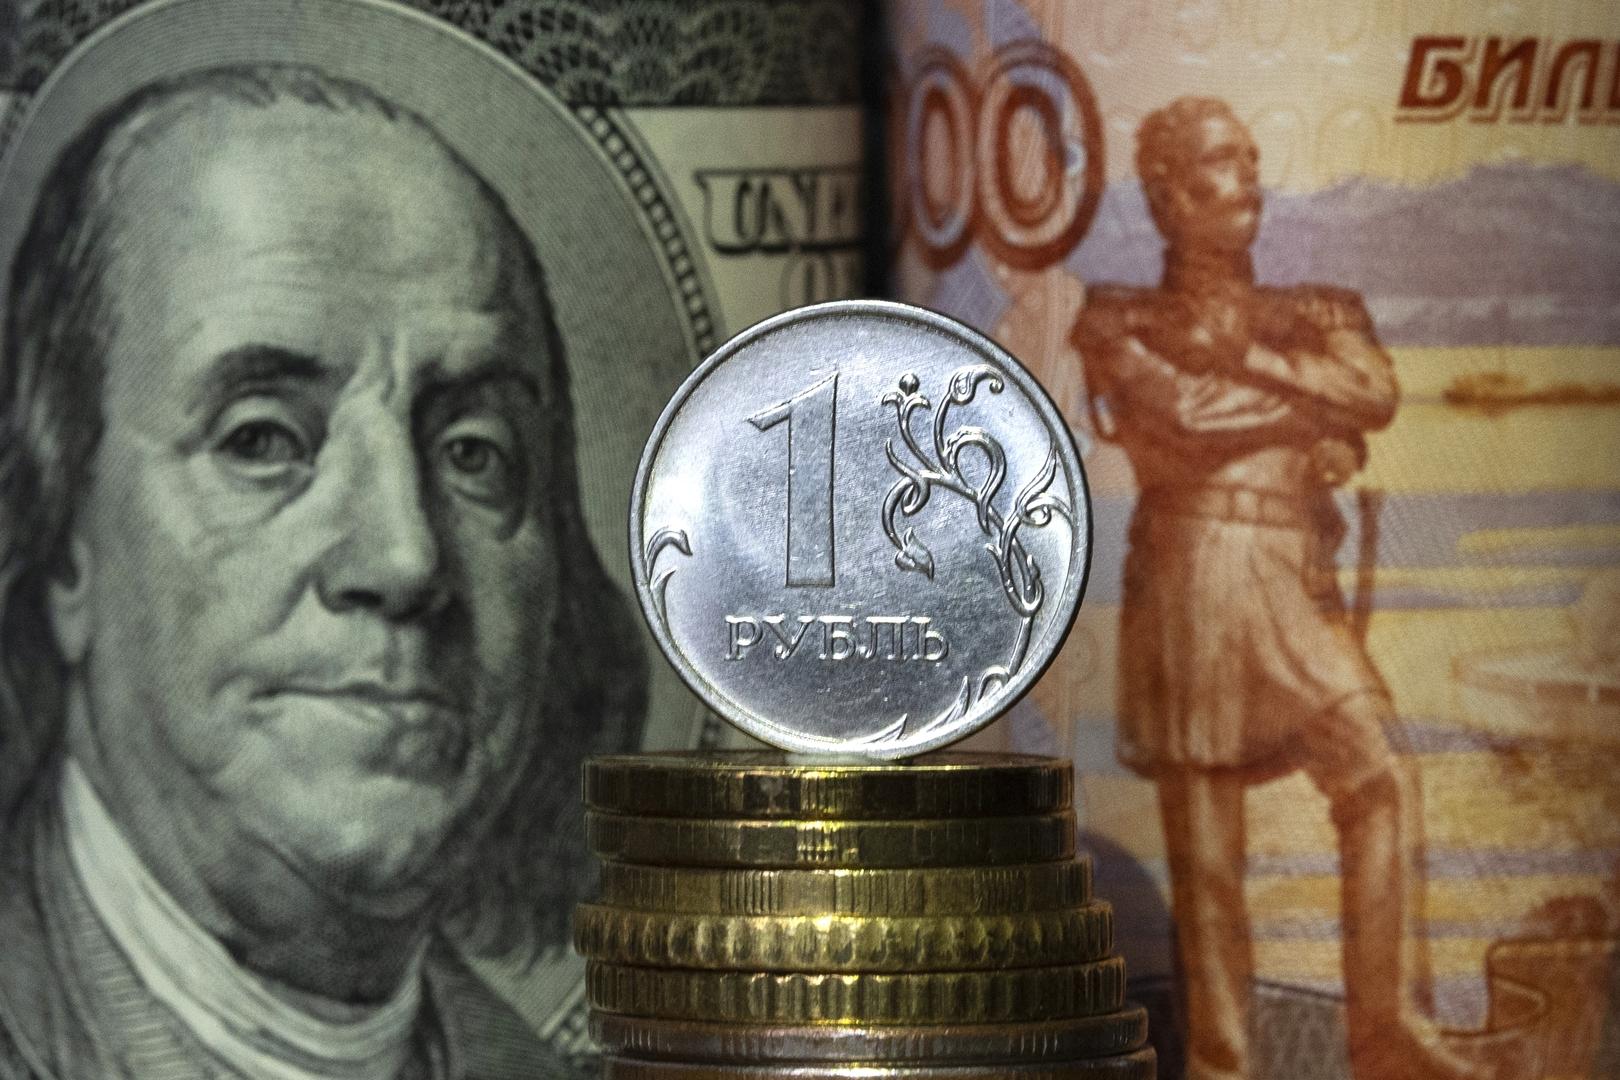 بشهادة صندوق النقد الدولي.. الاقتصاد الروسي يتعافي بوتيرة أسرع من المتوقع من الجائحة